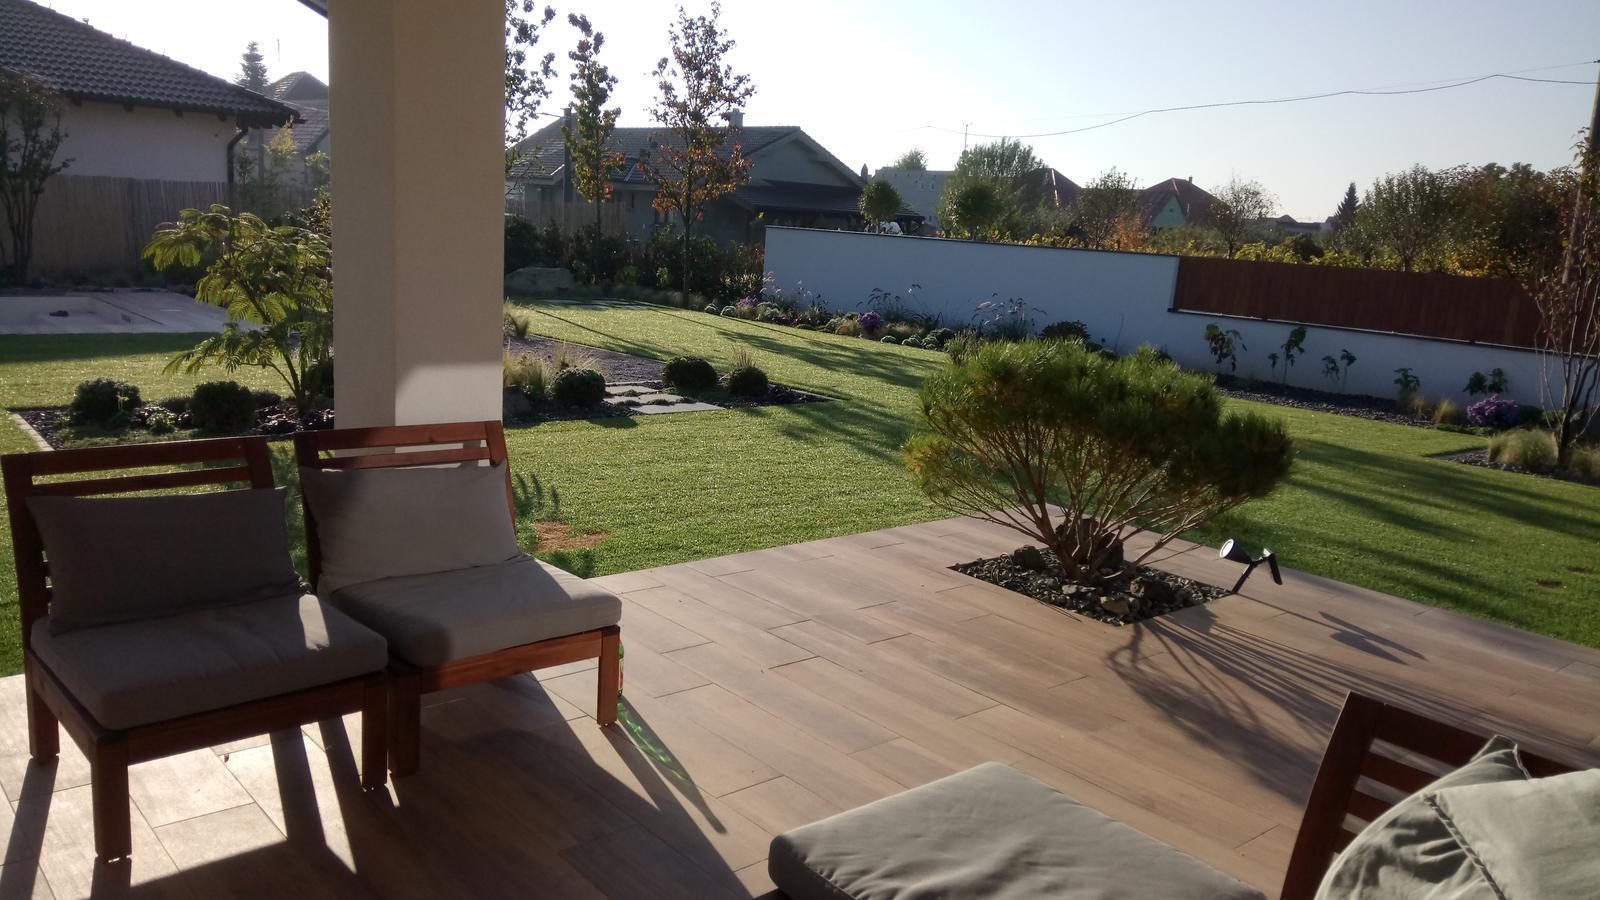 Zahrada 2017 - Obrázok č. 7